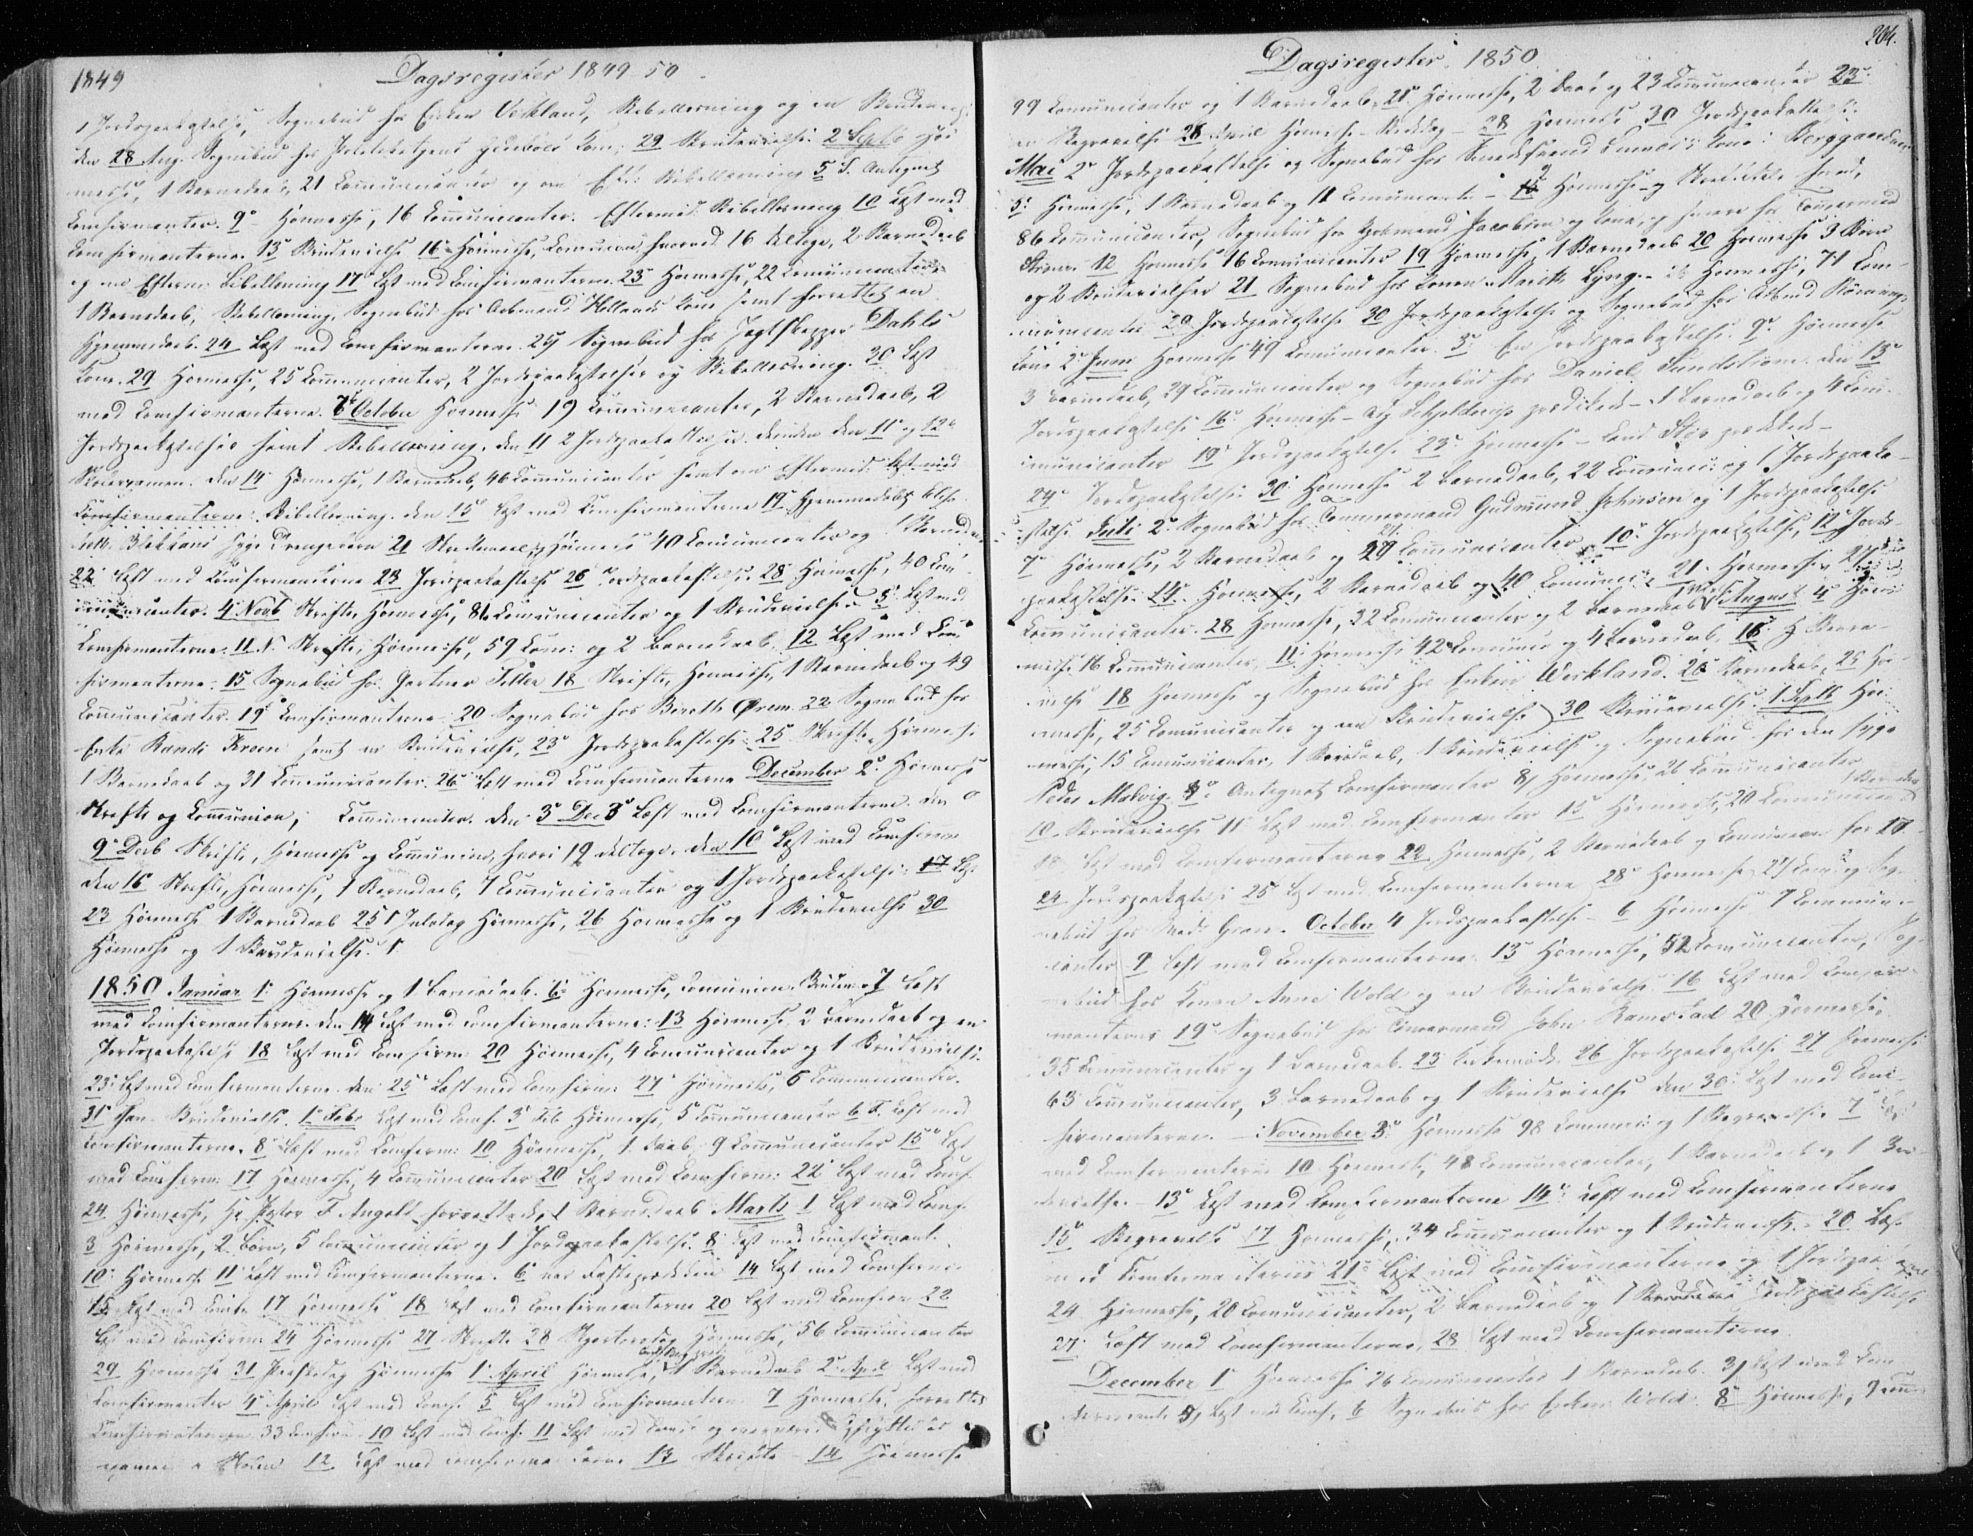 SAT, Ministerialprotokoller, klokkerbøker og fødselsregistre - Sør-Trøndelag, 604/L0183: Ministerialbok nr. 604A04, 1841-1850, s. 204